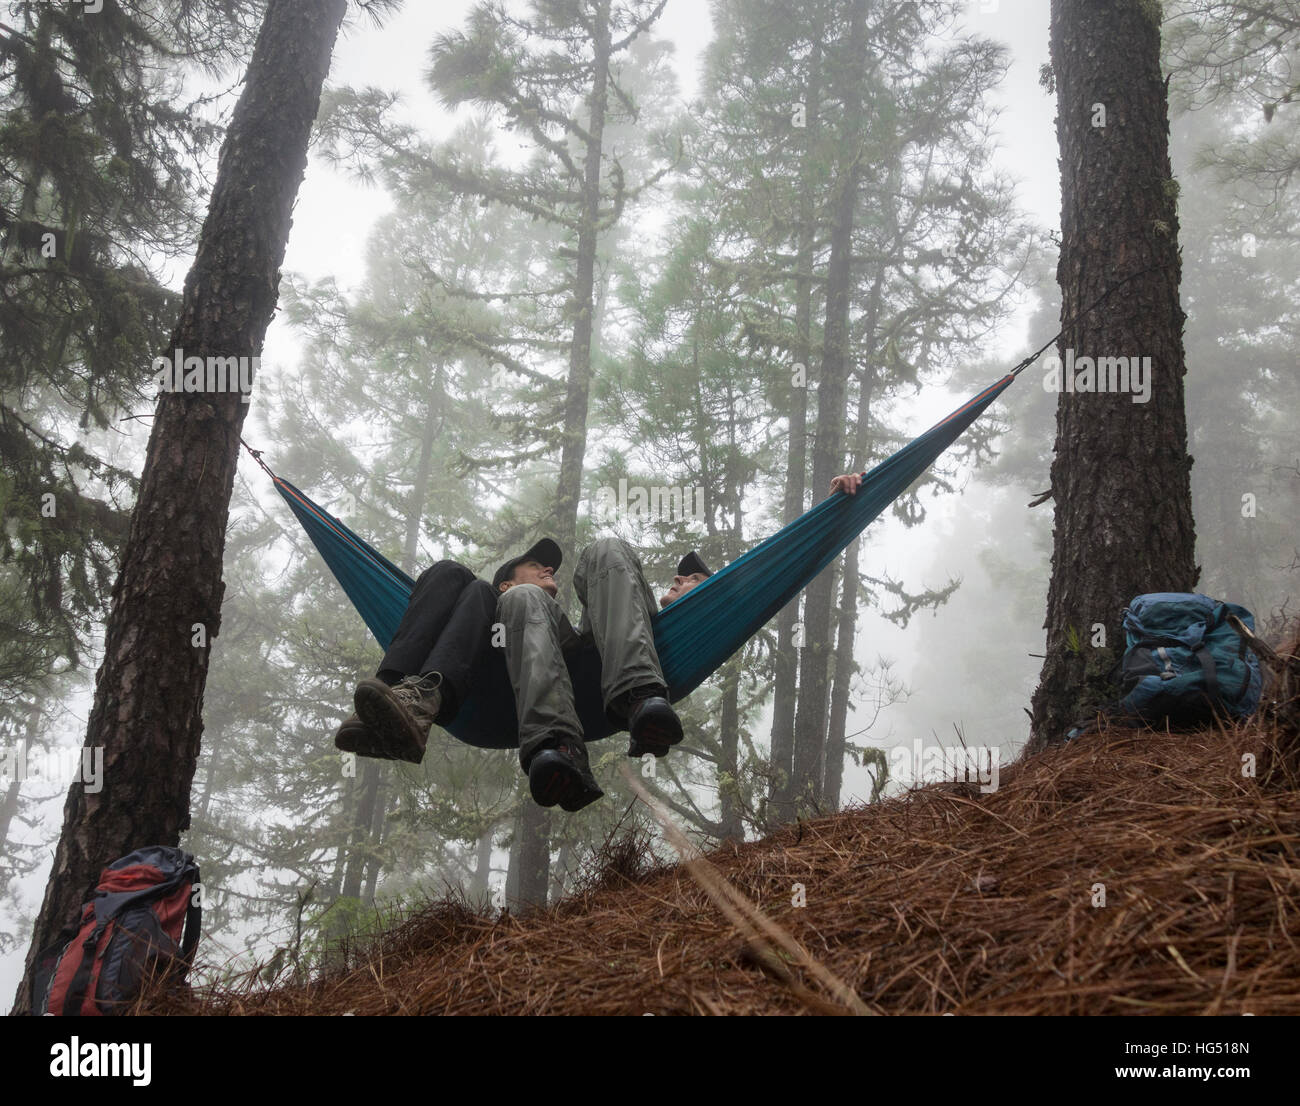 D'âge mûr de la randonnée, de détente dans l'hamac dans misty forêt de pins. Photo Stock